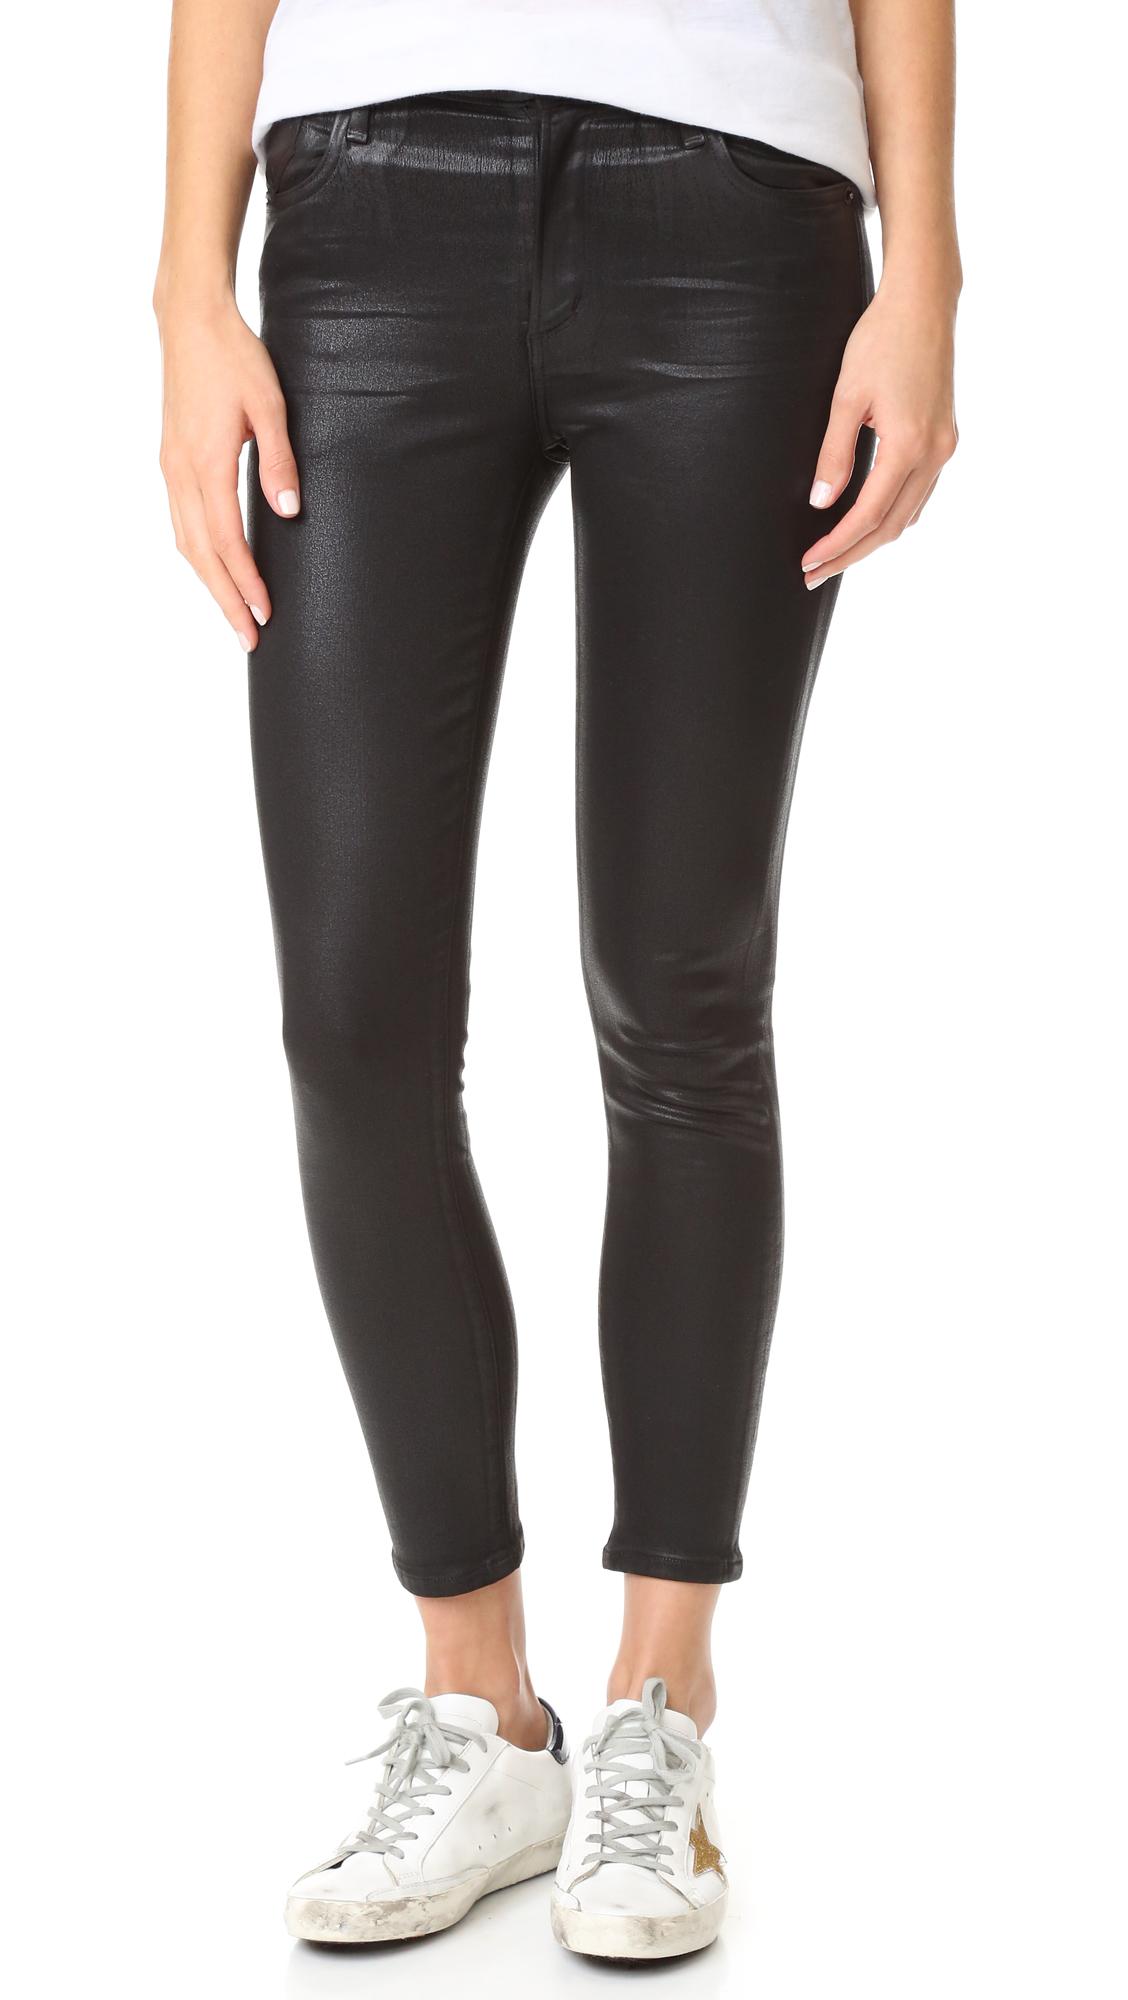 Agolde Sophie Hi Rise Skinny Crop Coated Jeans - Black Leatherette at Shopbop